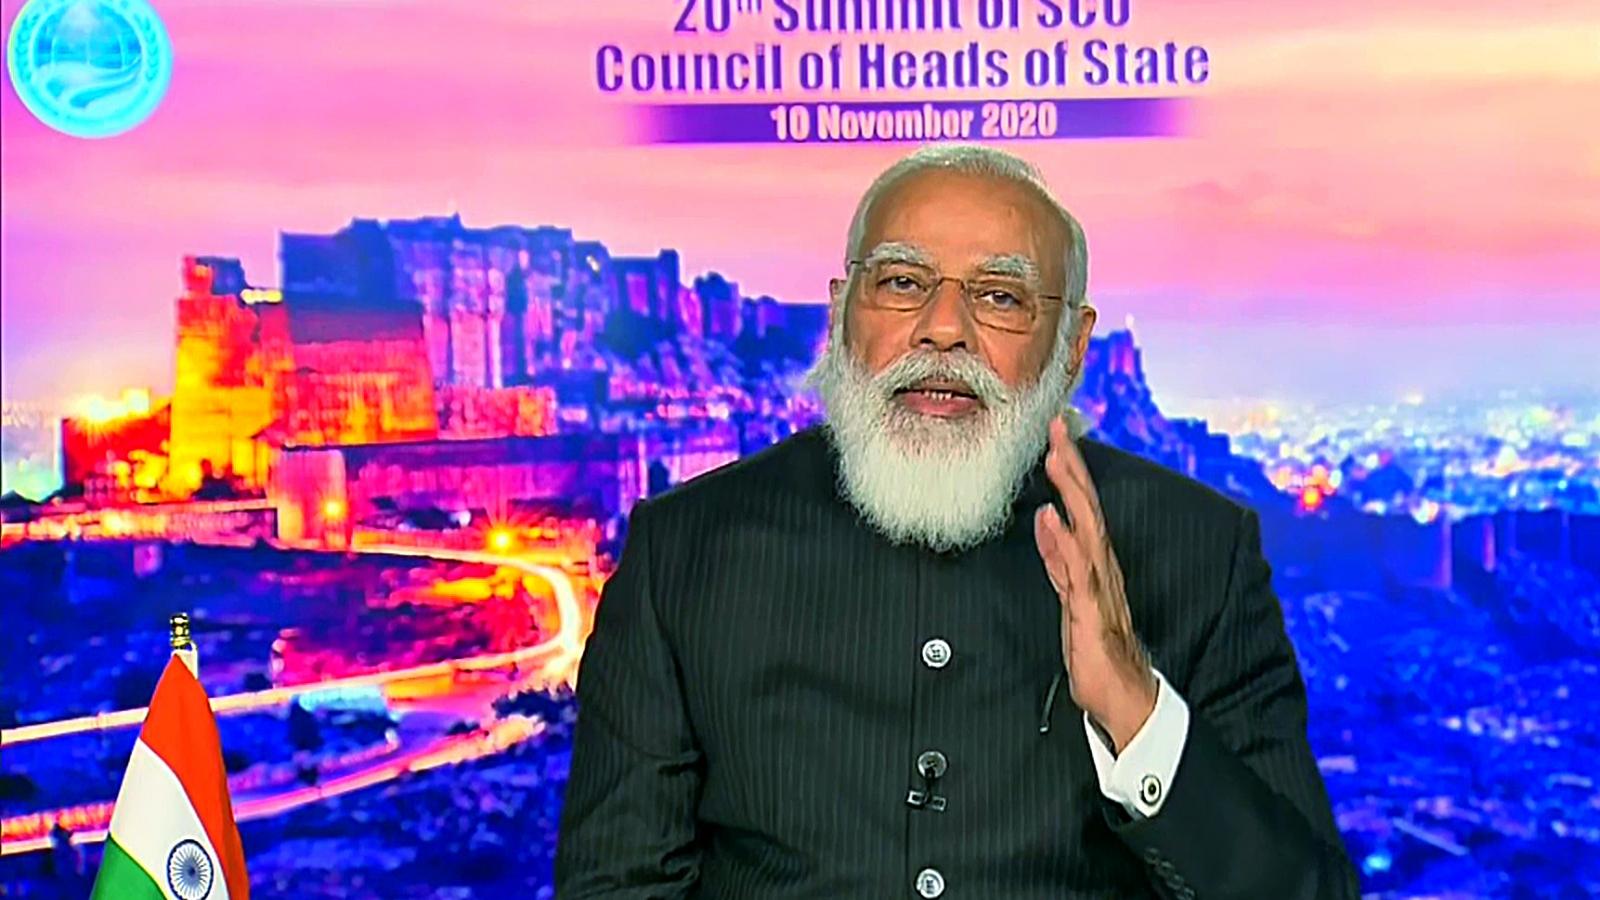 Thủ tướng Ấn Độ yêu cầu láng giềng tôn trọng chủ quyền lãnh thổ